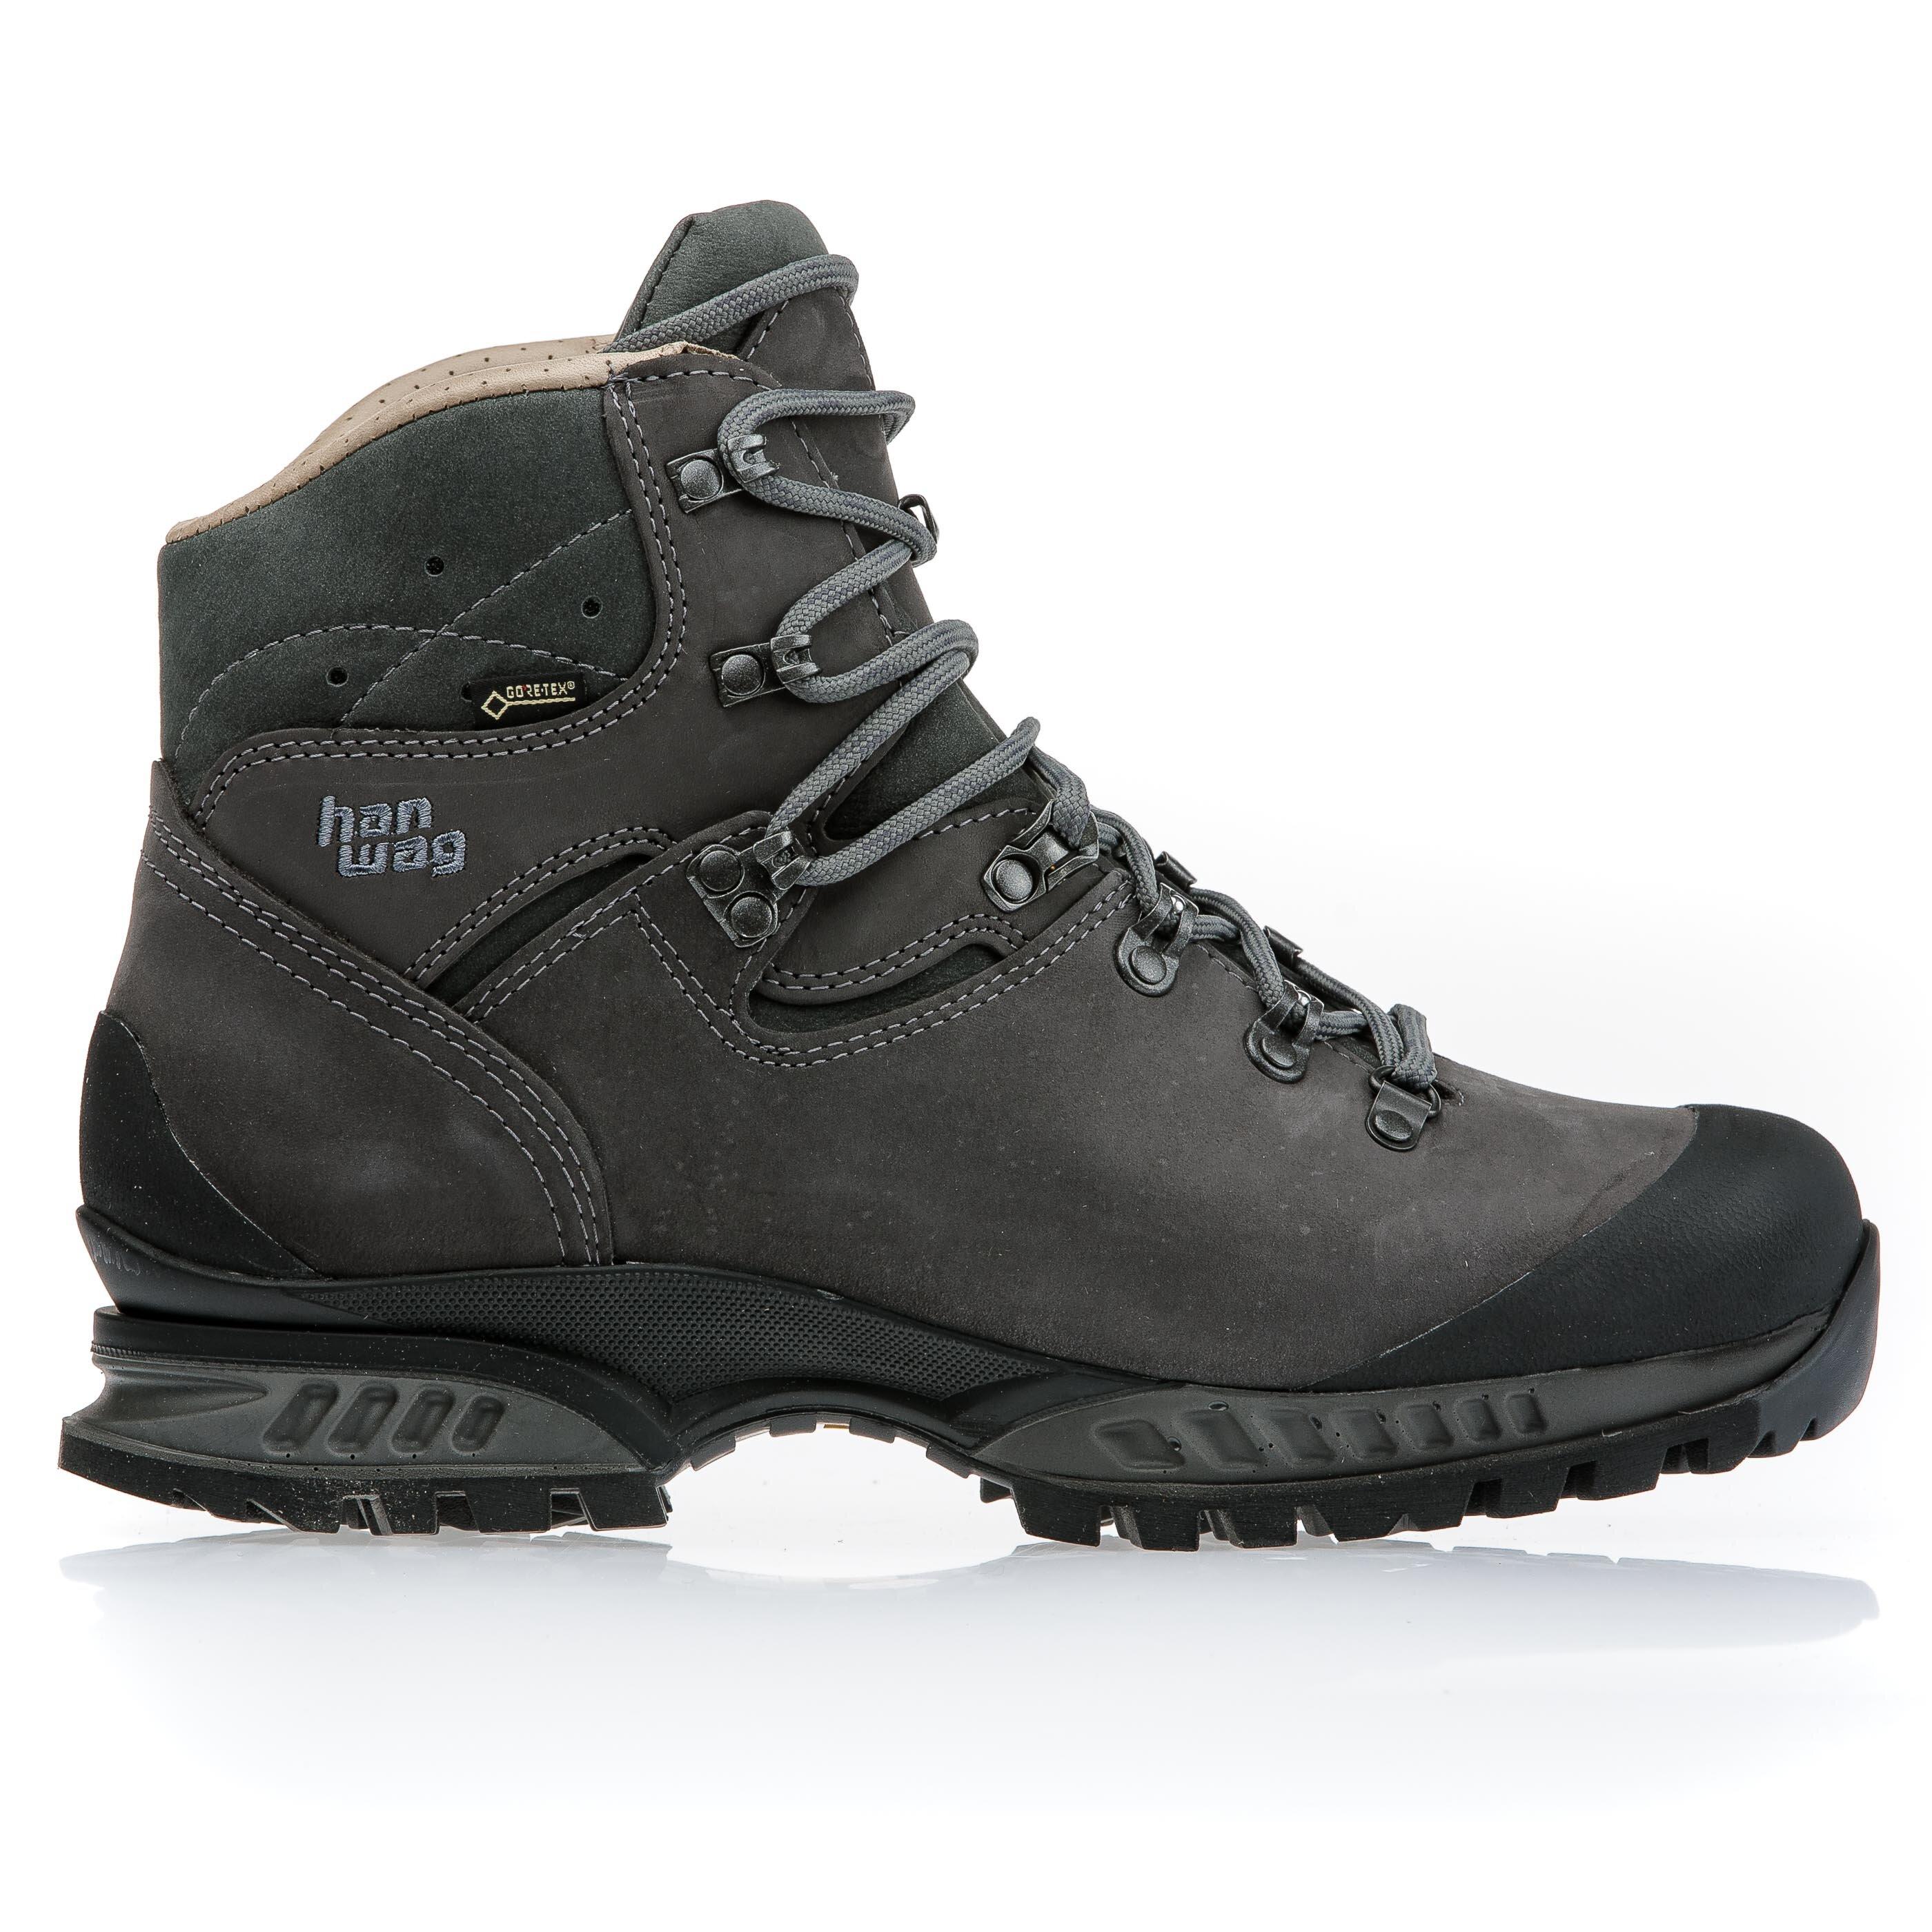 956ba0f8b6d Купить мужскую обувь Diesel (Дизель) цена на мужскую обувь ⚡ в ...